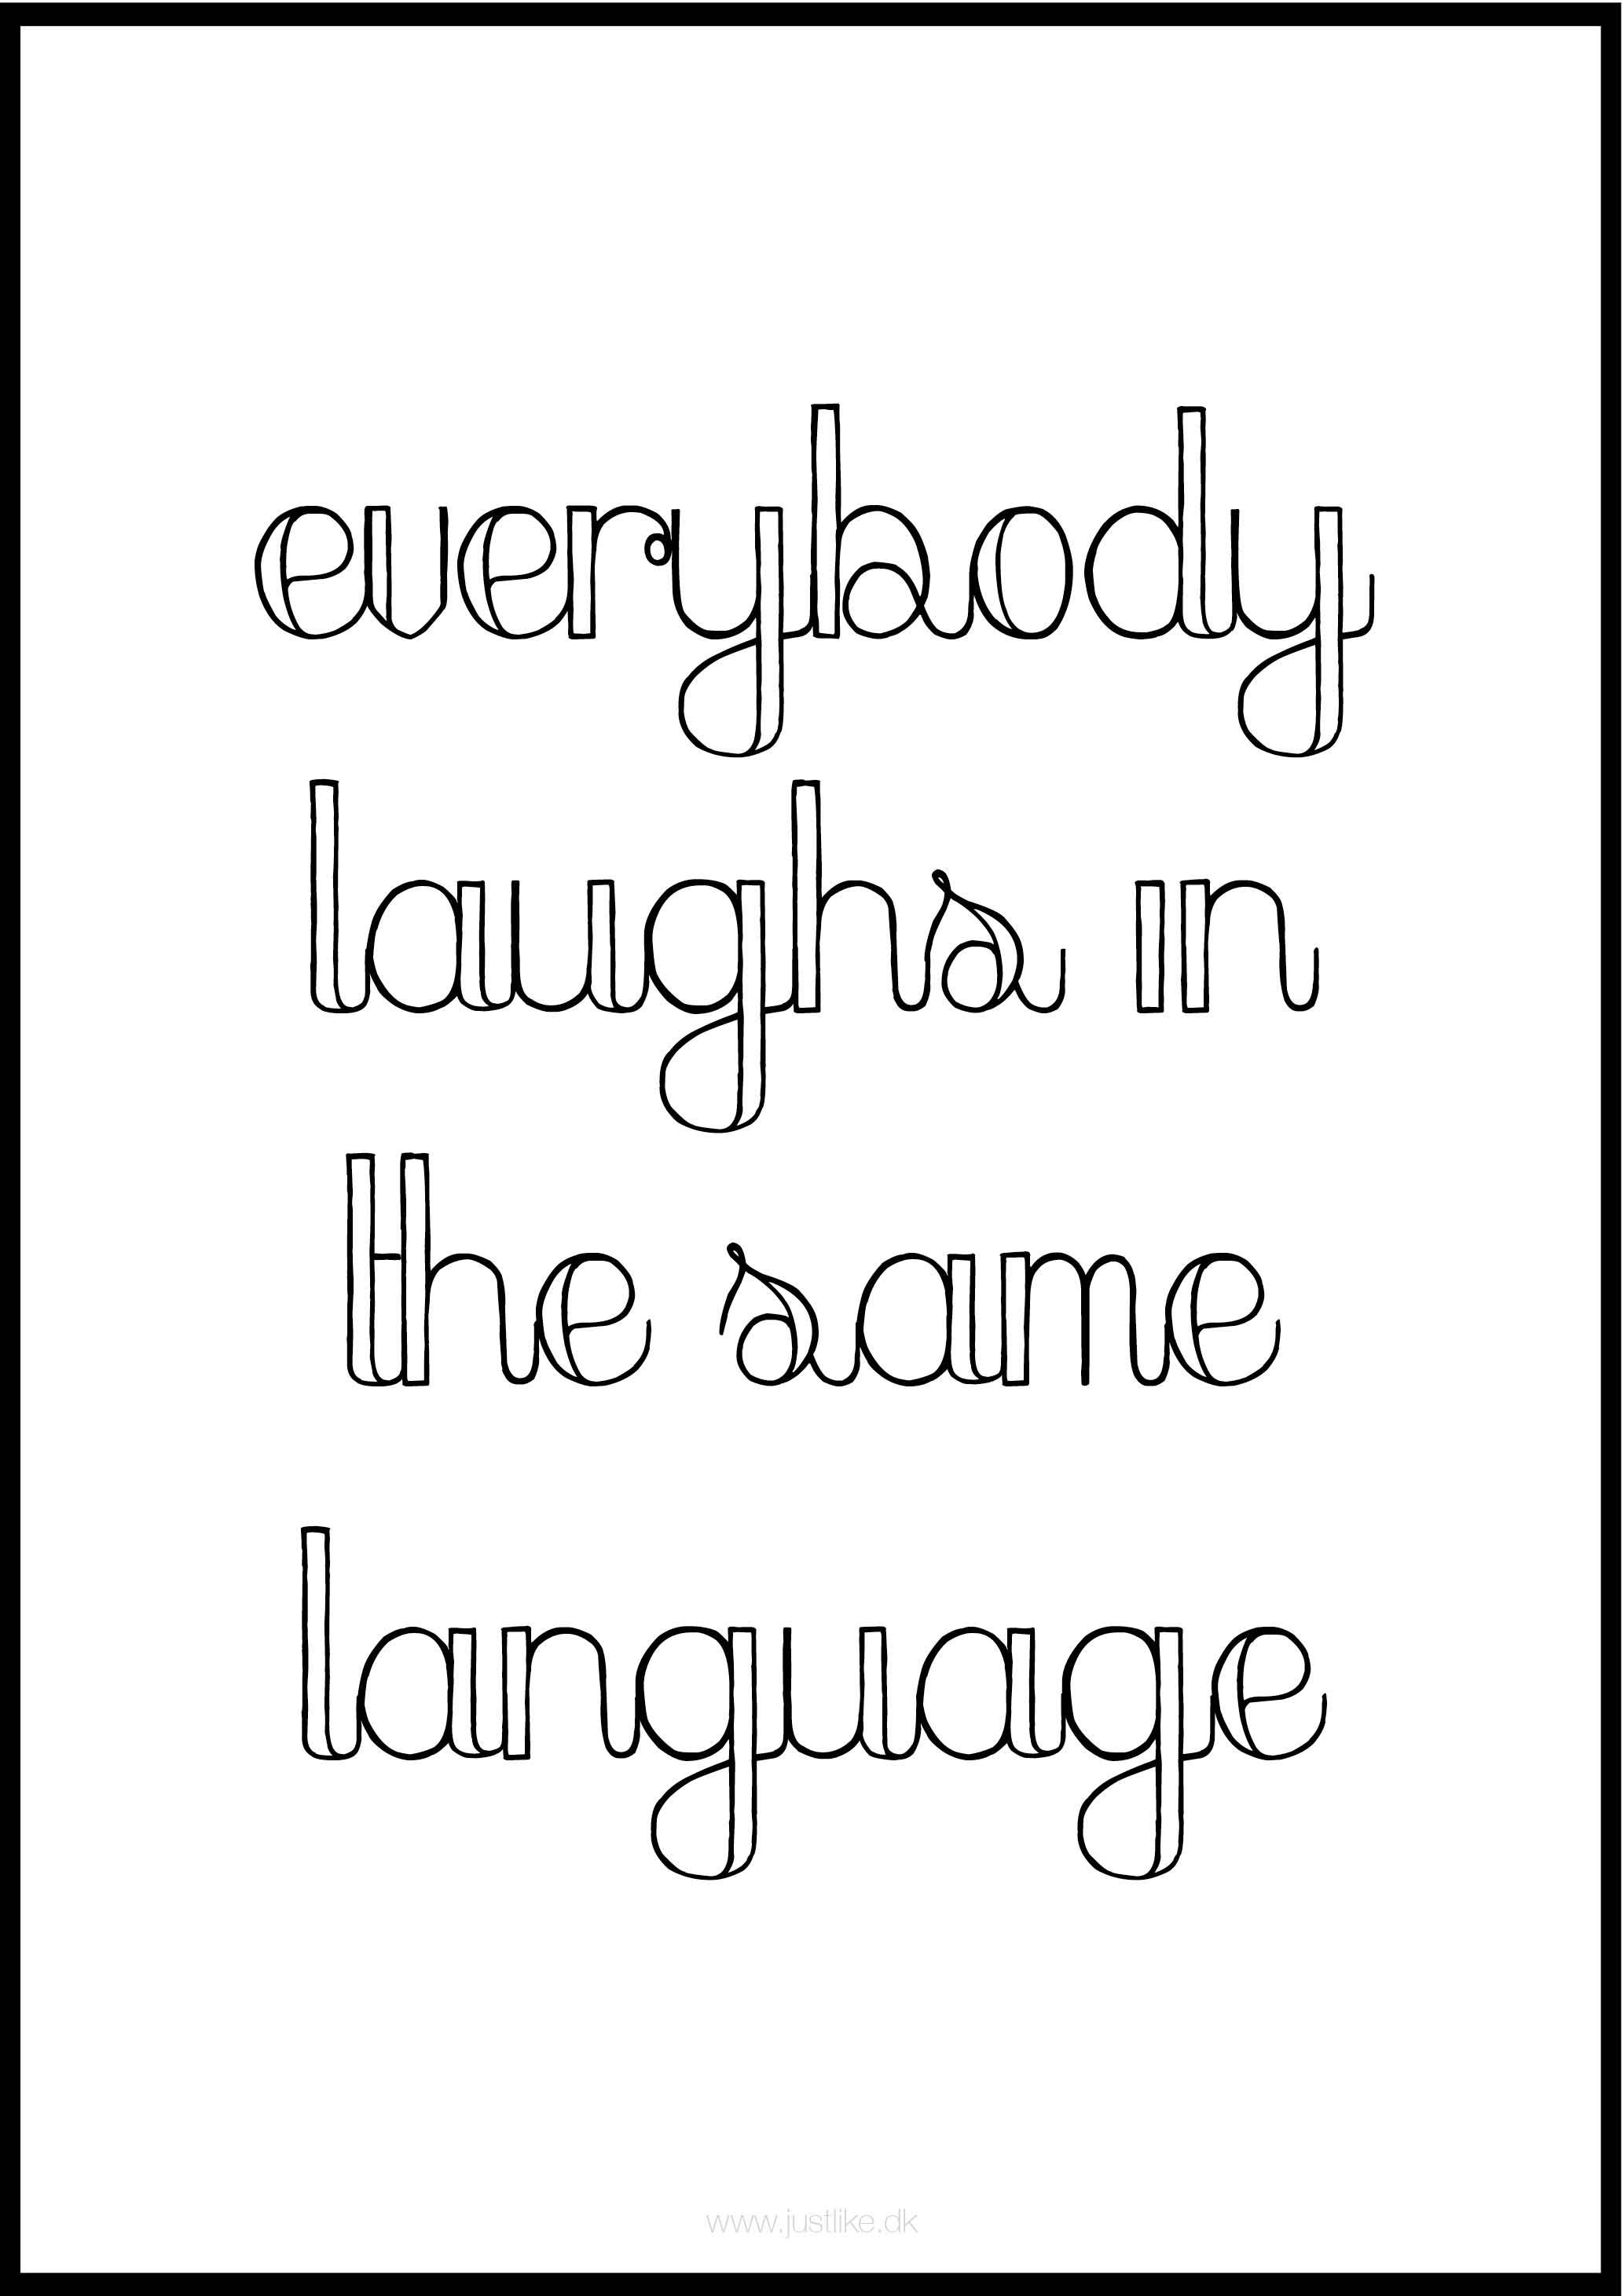 citater på engelsk